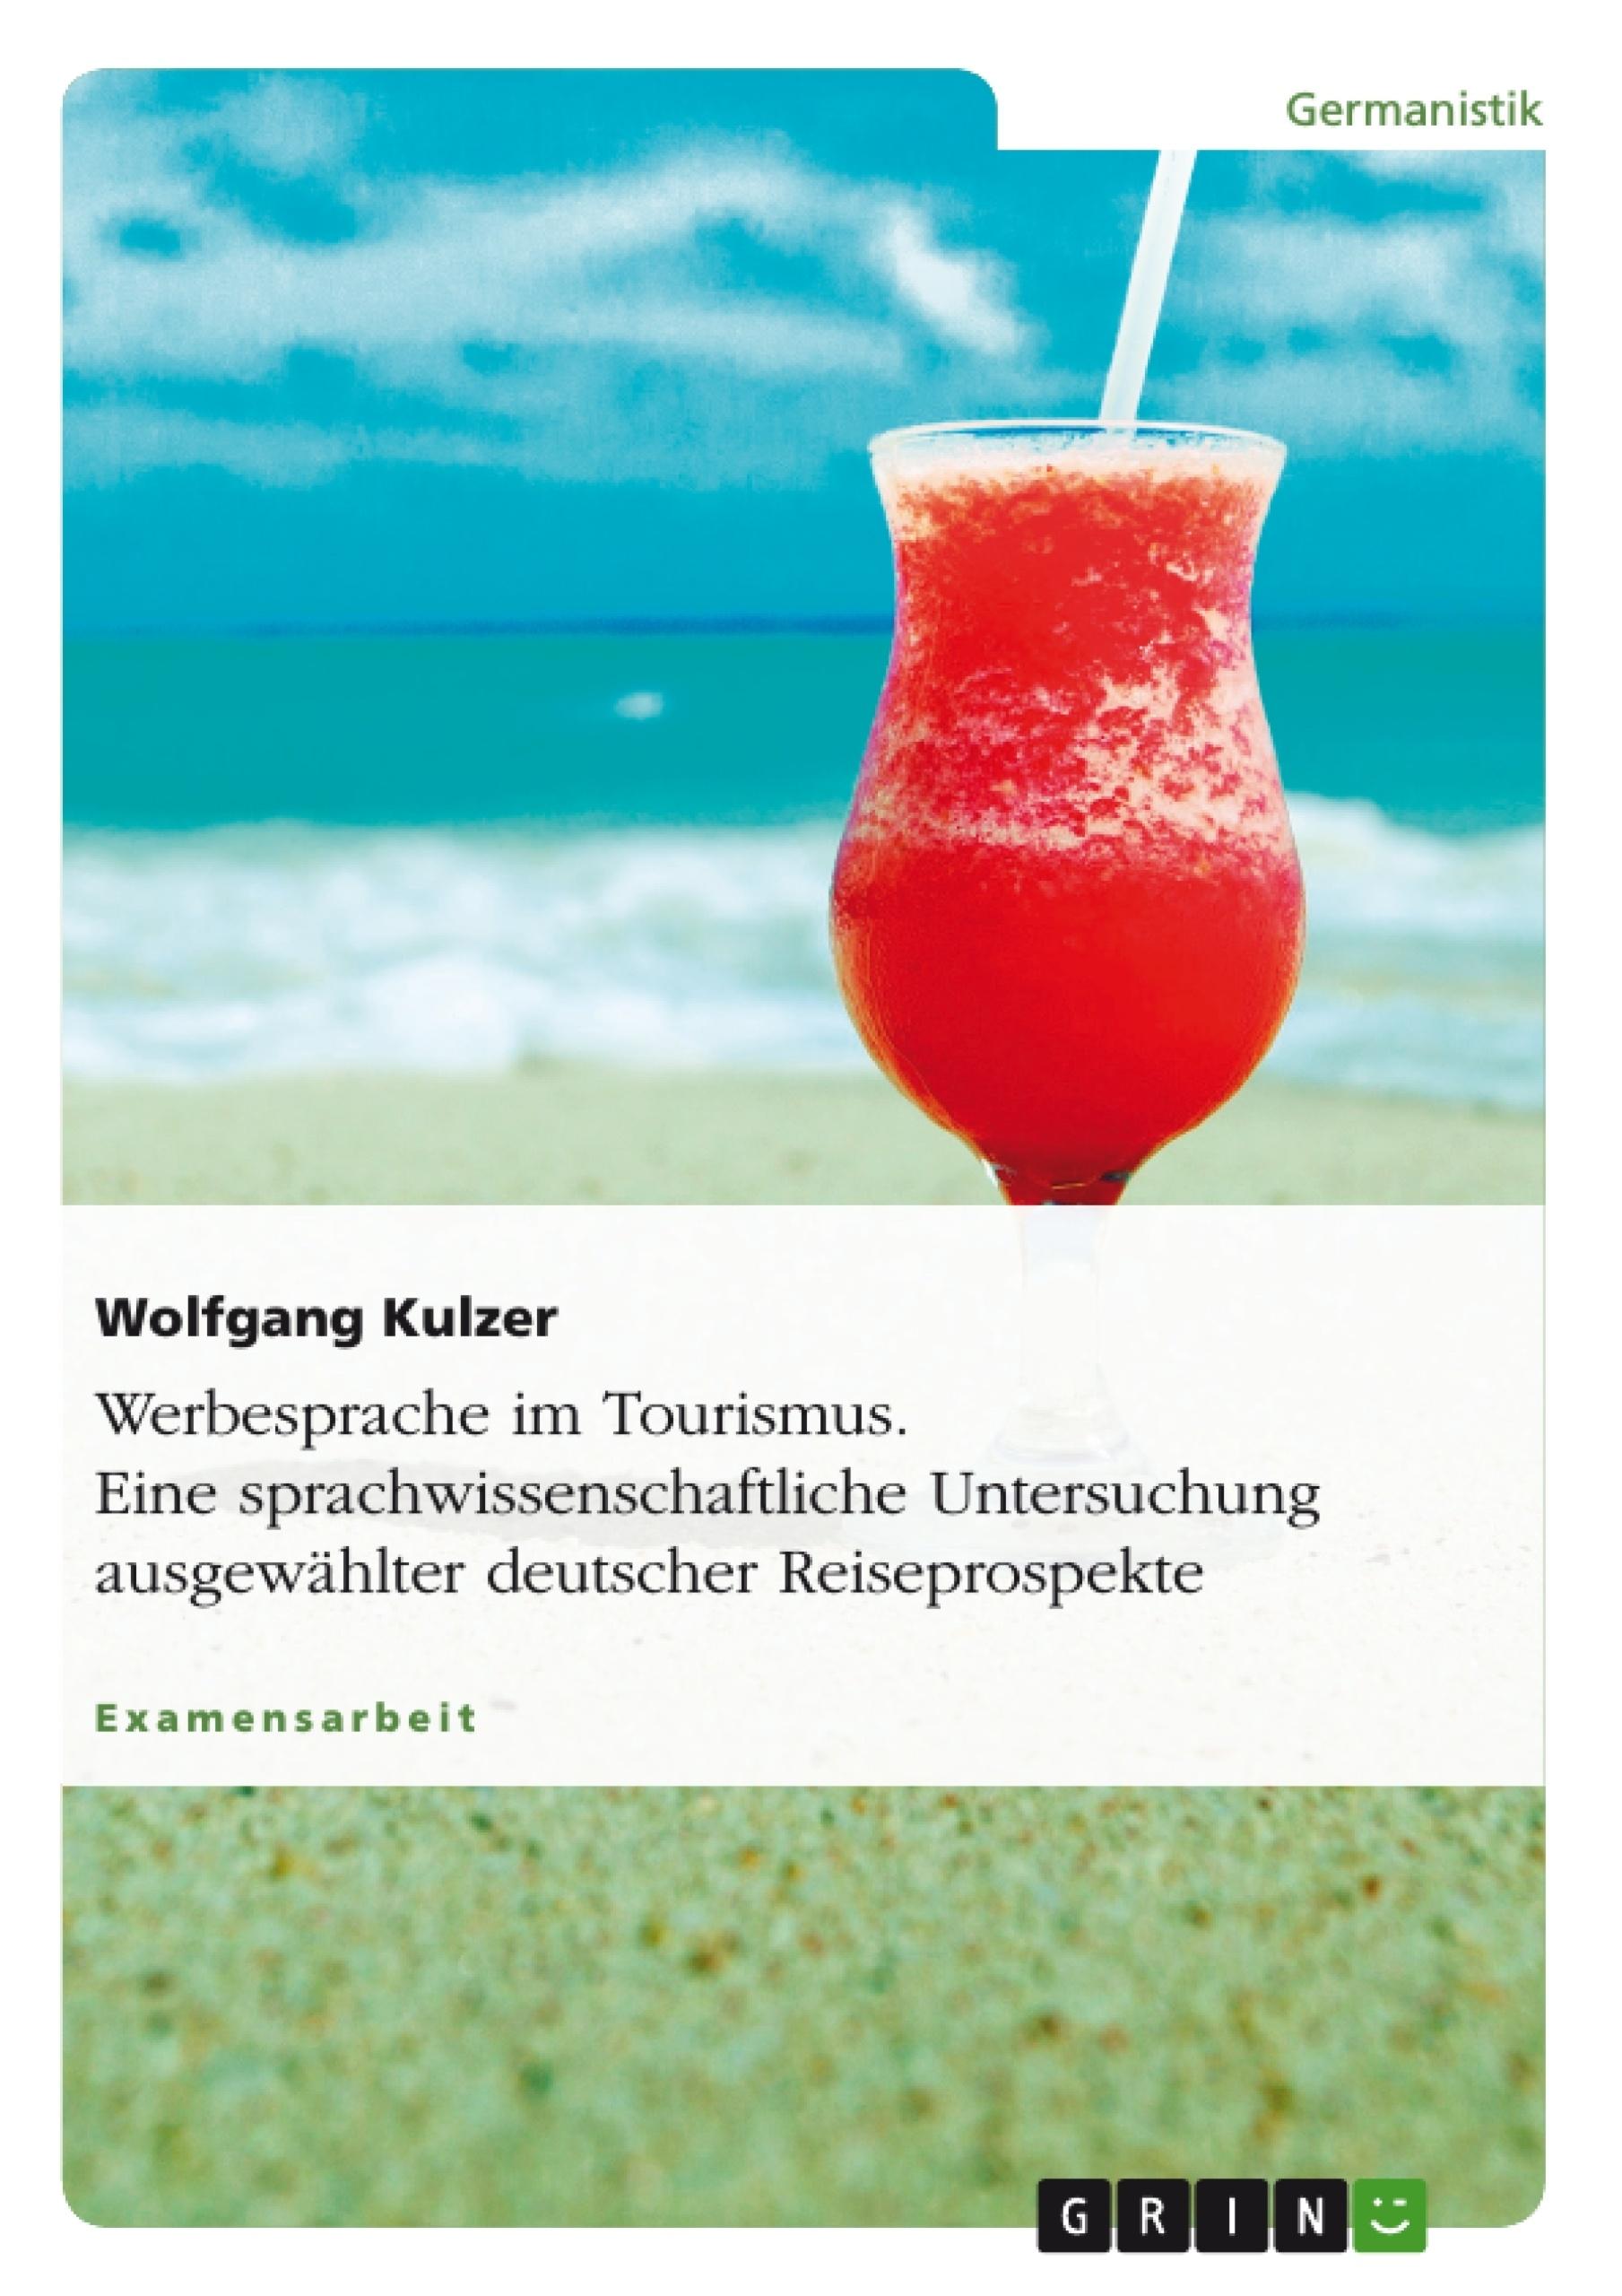 Titel: Werbesprache im Tourismus. Eine sprachwissenschaftliche Untersuchung ausgewählter deutscher Reiseprospekte